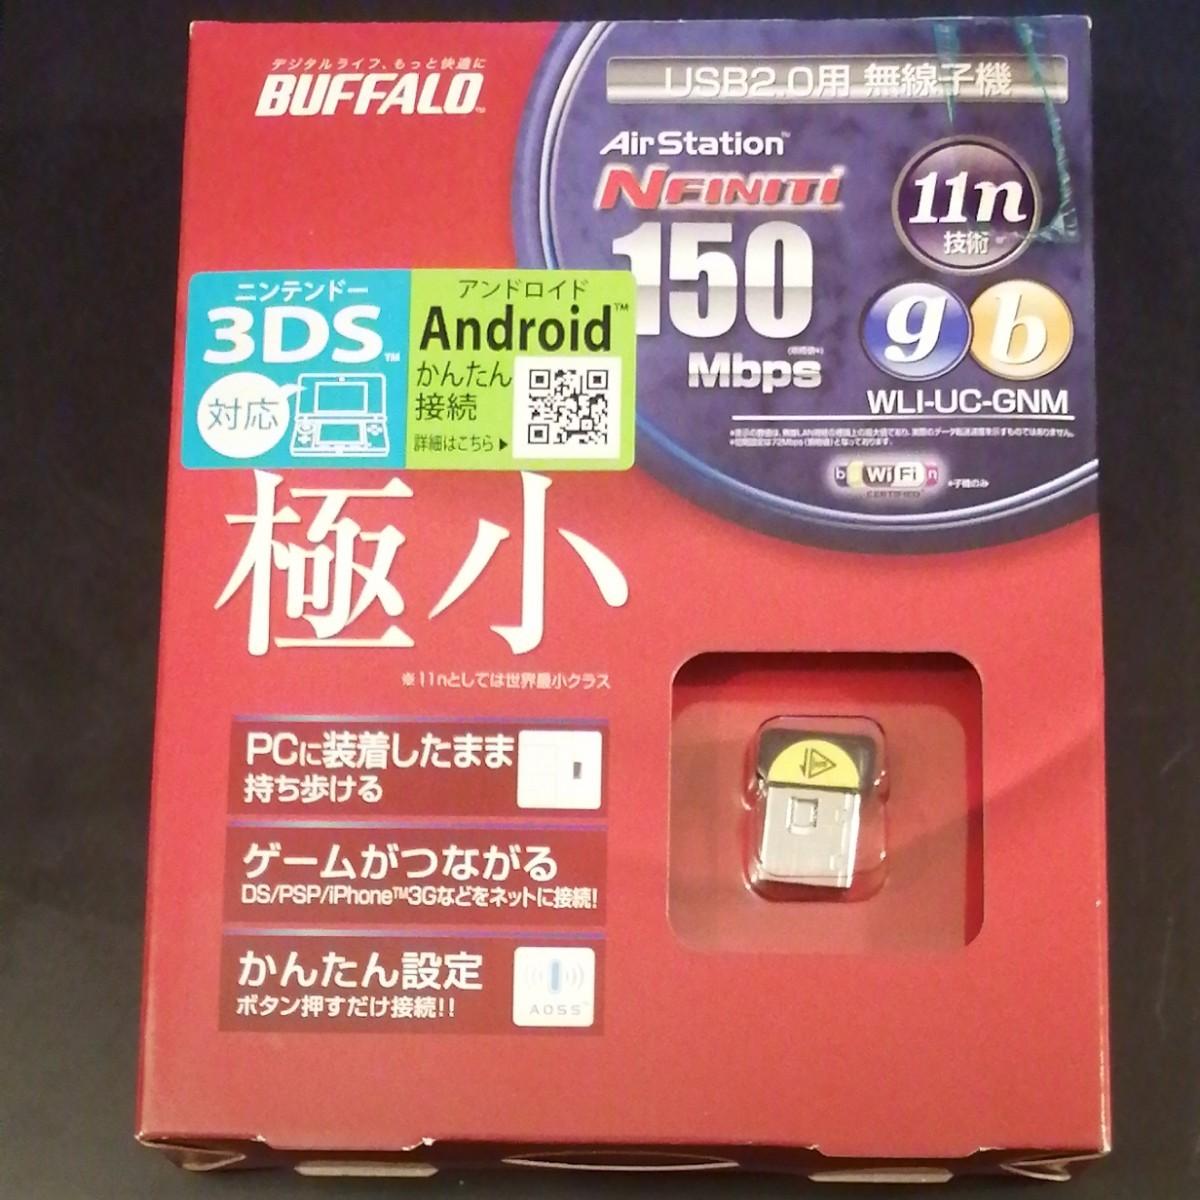 BUFFALO WLI-UC-GNM 無線LAN子機 極小